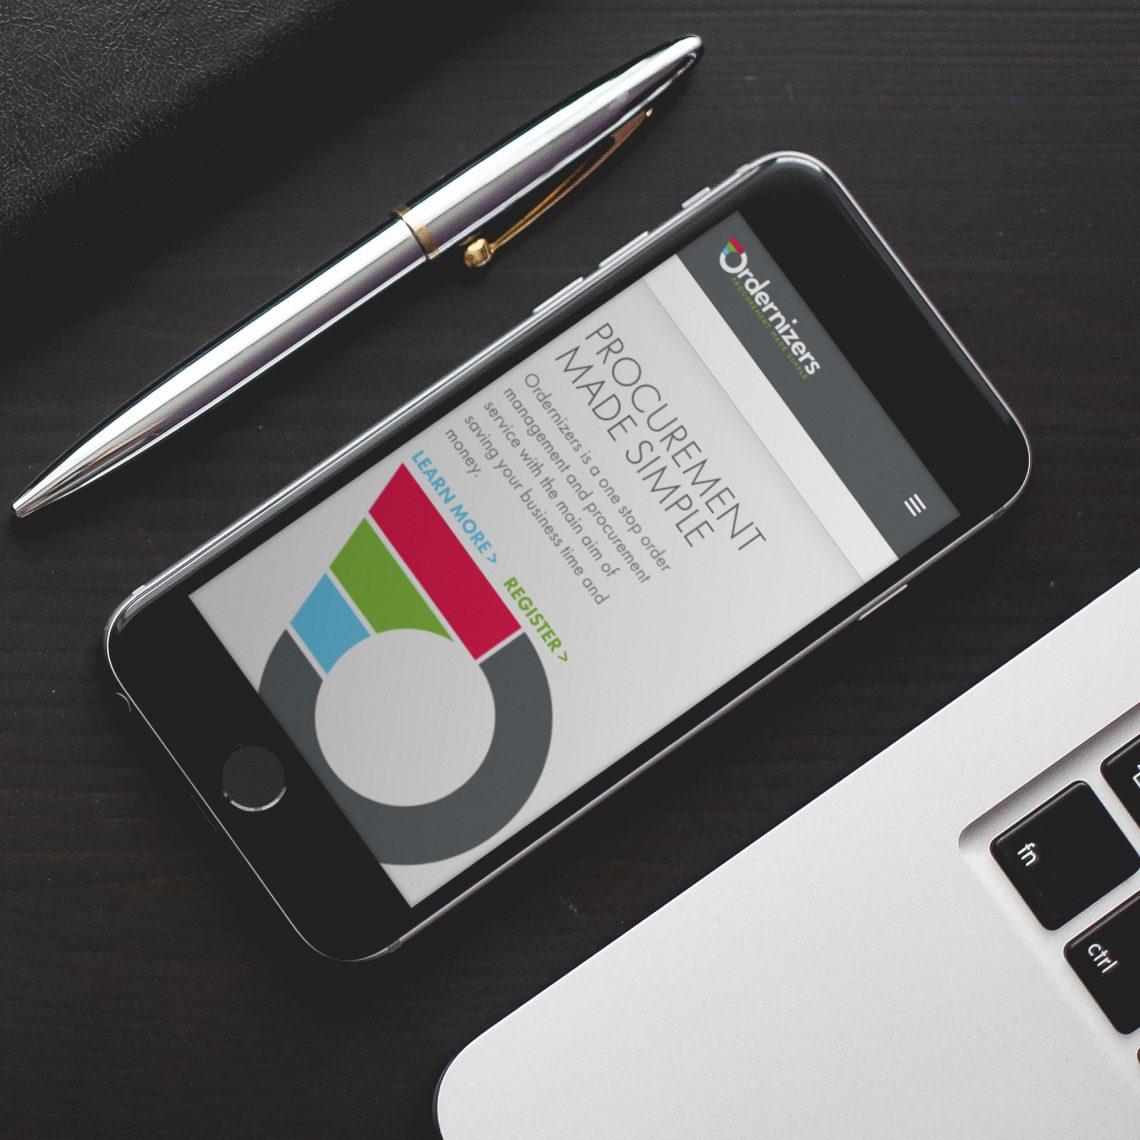 Ordernizers Mobile Web Design